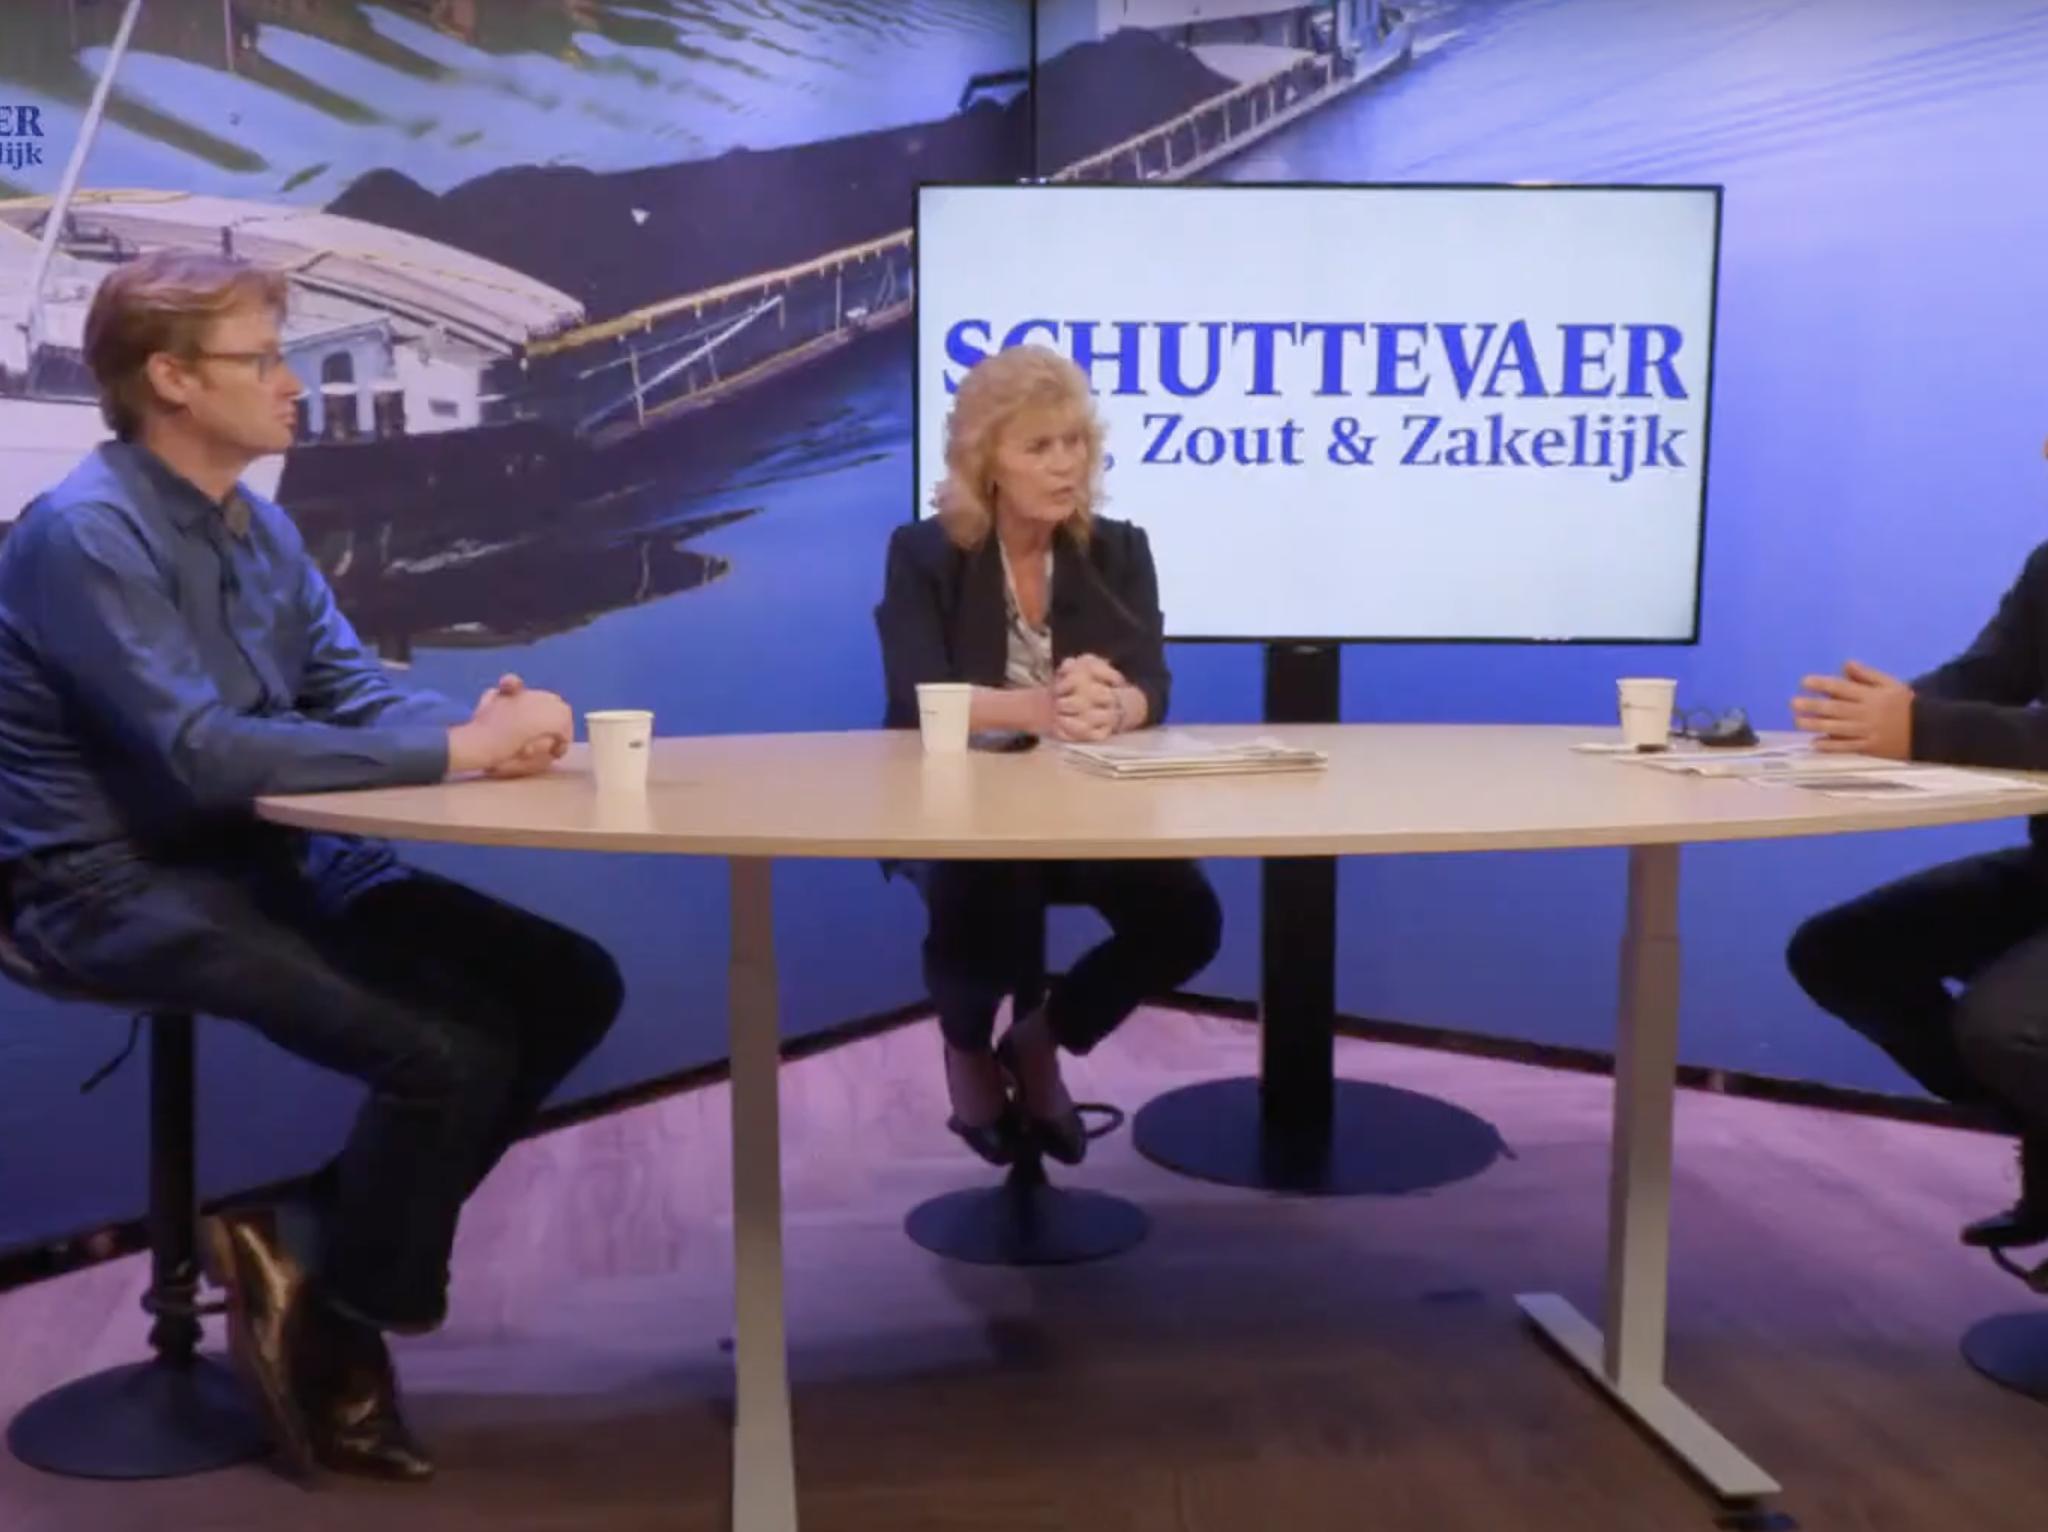 Maurits van der Linde (Platform Zero Incidents), Leny van Toorenburg (Koninklijke BLN-Schuttevaer) en René Quist in de aflevering van Studio Schuttevaer. 'Er is meer onderzoek nodig naar oorzaken incidenten.' (Beeld uit video)